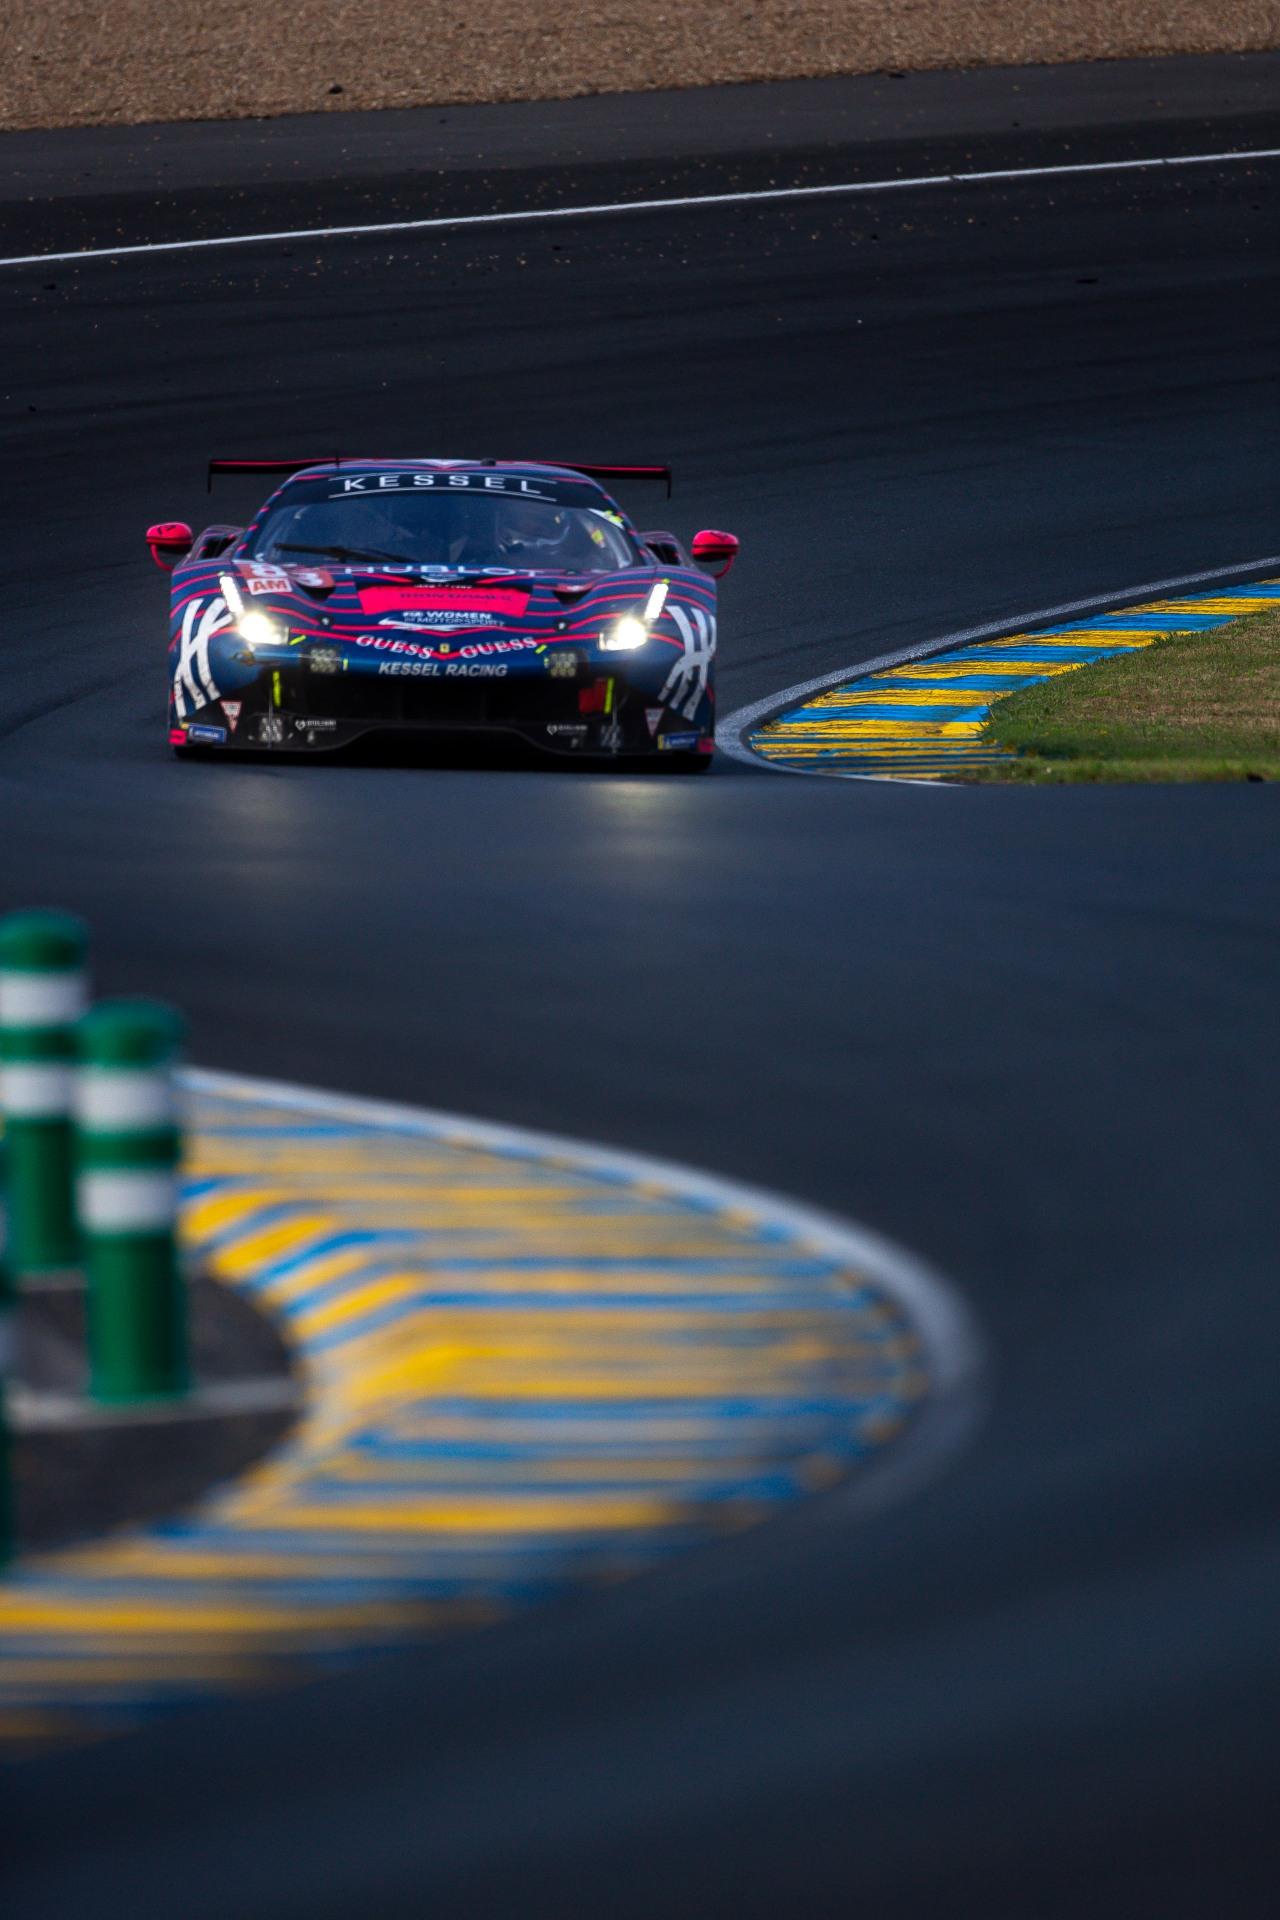 Hublot @ Le Mans2019